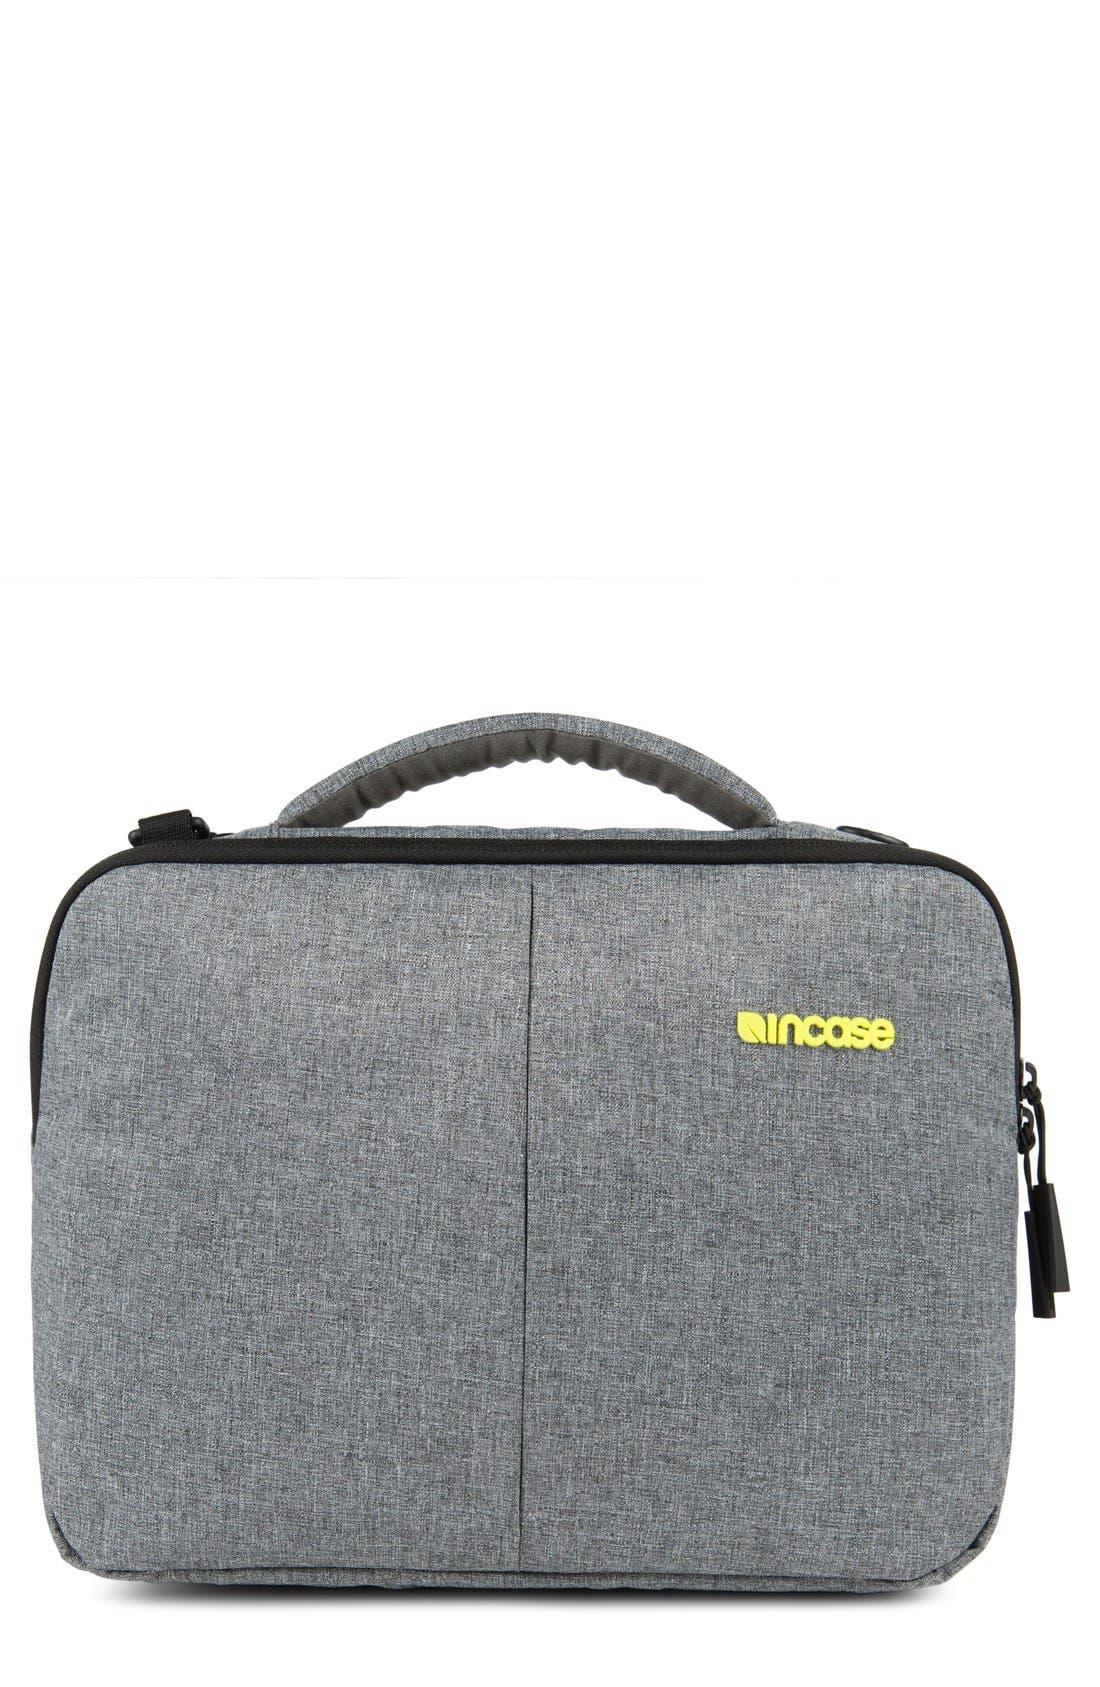 Incase Designs 'Reform - Tensaerlite™' Laptop Briefcase